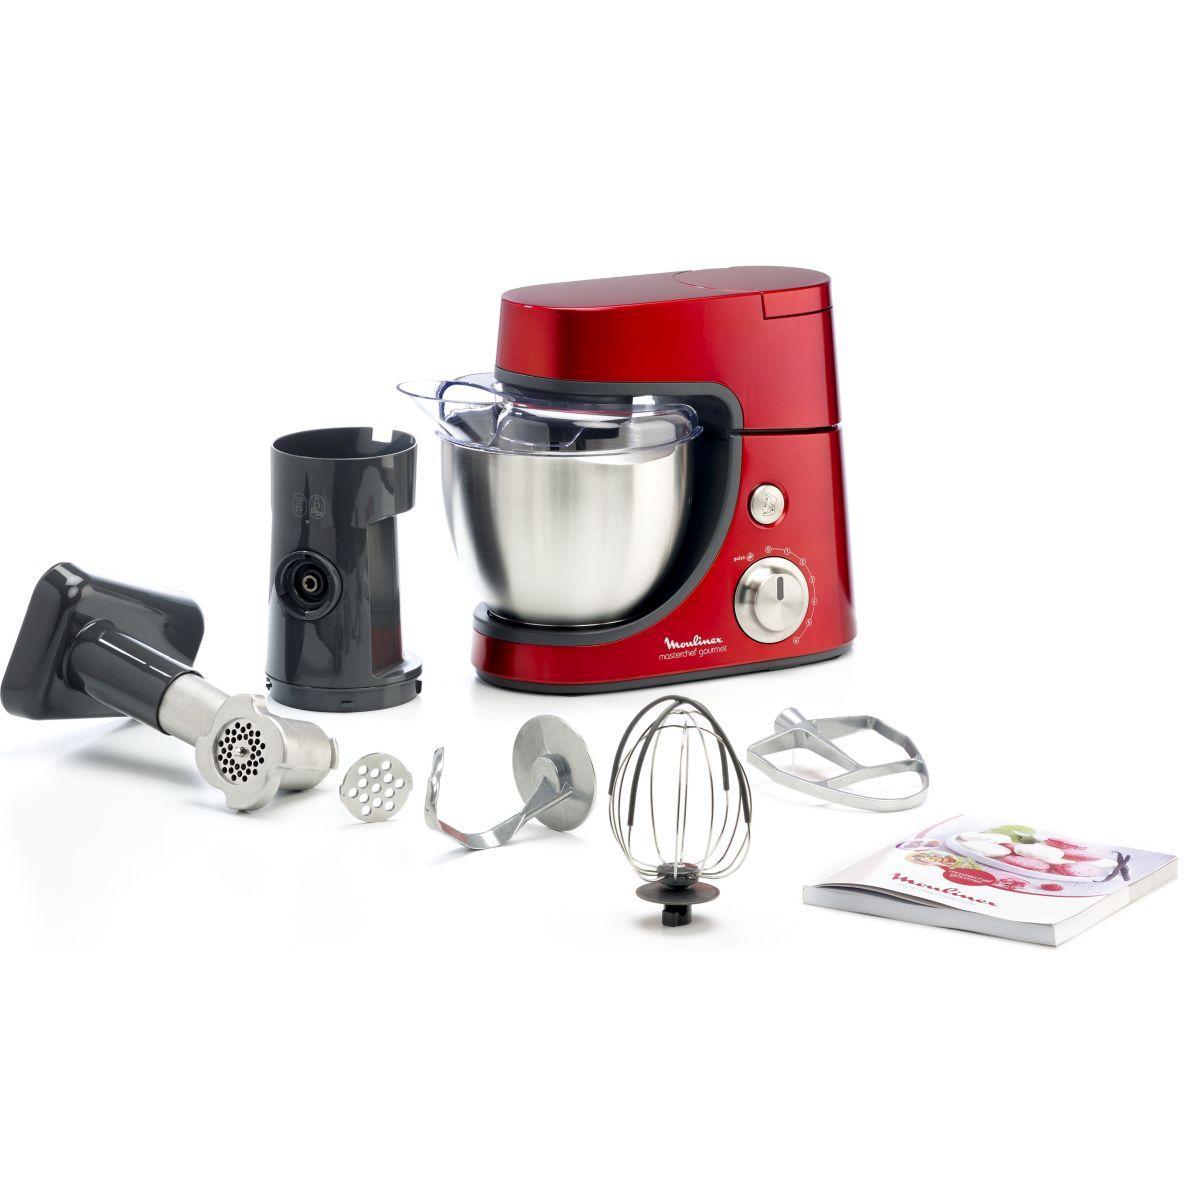 Robot moulinex masterchef gourmet rouge - 2% de remise immédiate avec le code : top2 (photo)